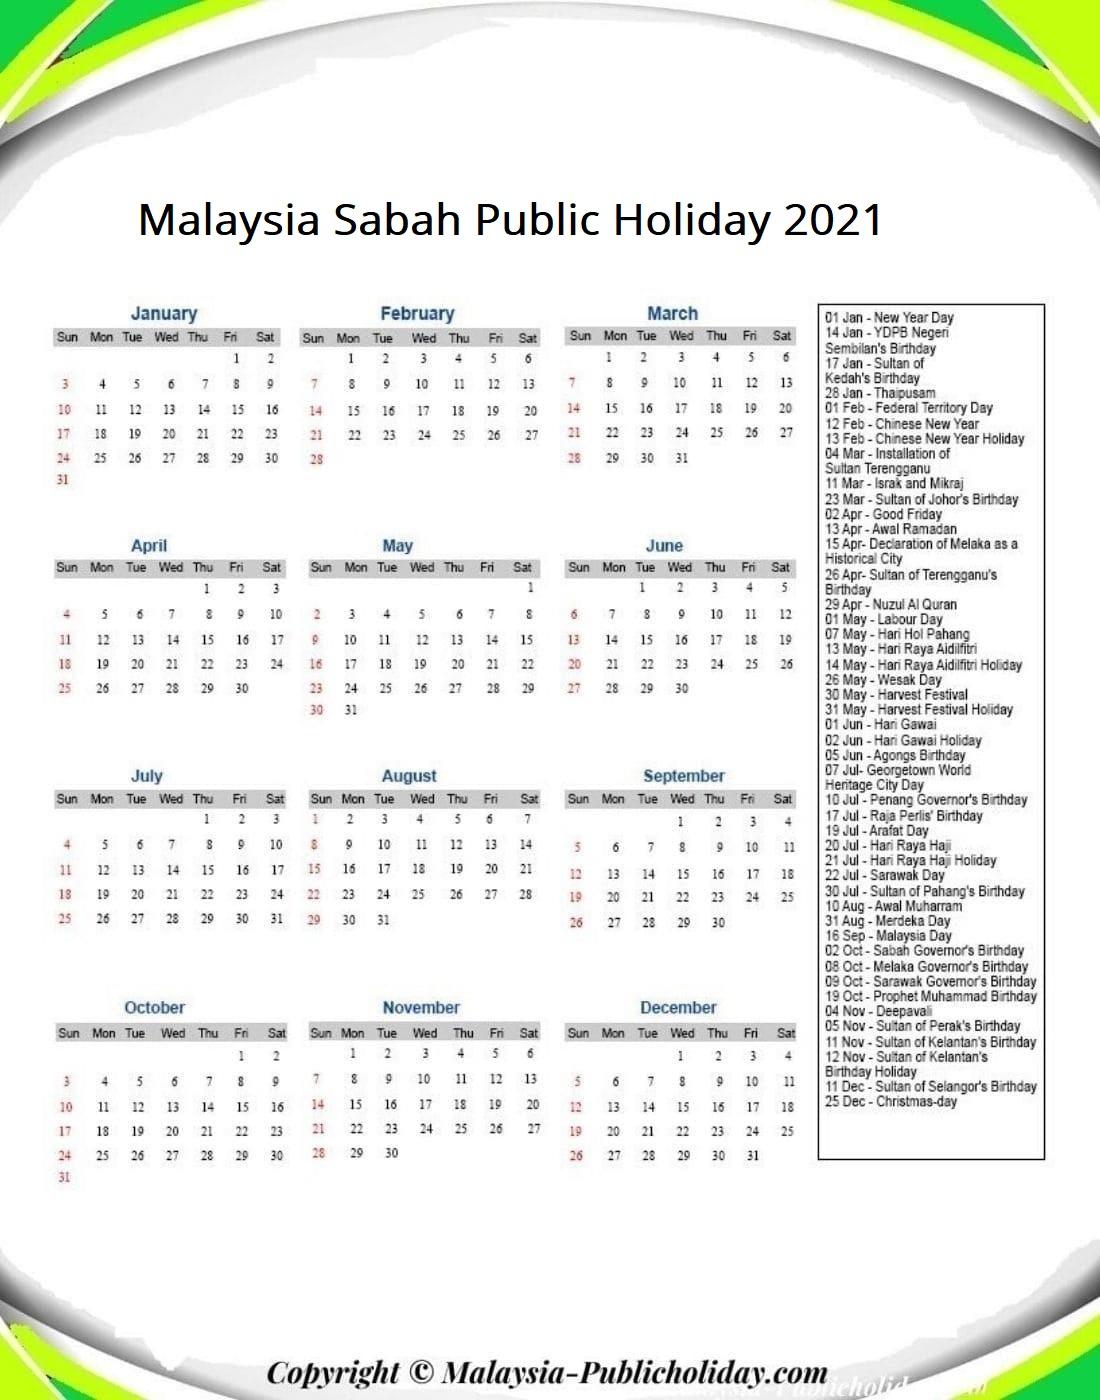 Sabah Calendars with Holidays 2021